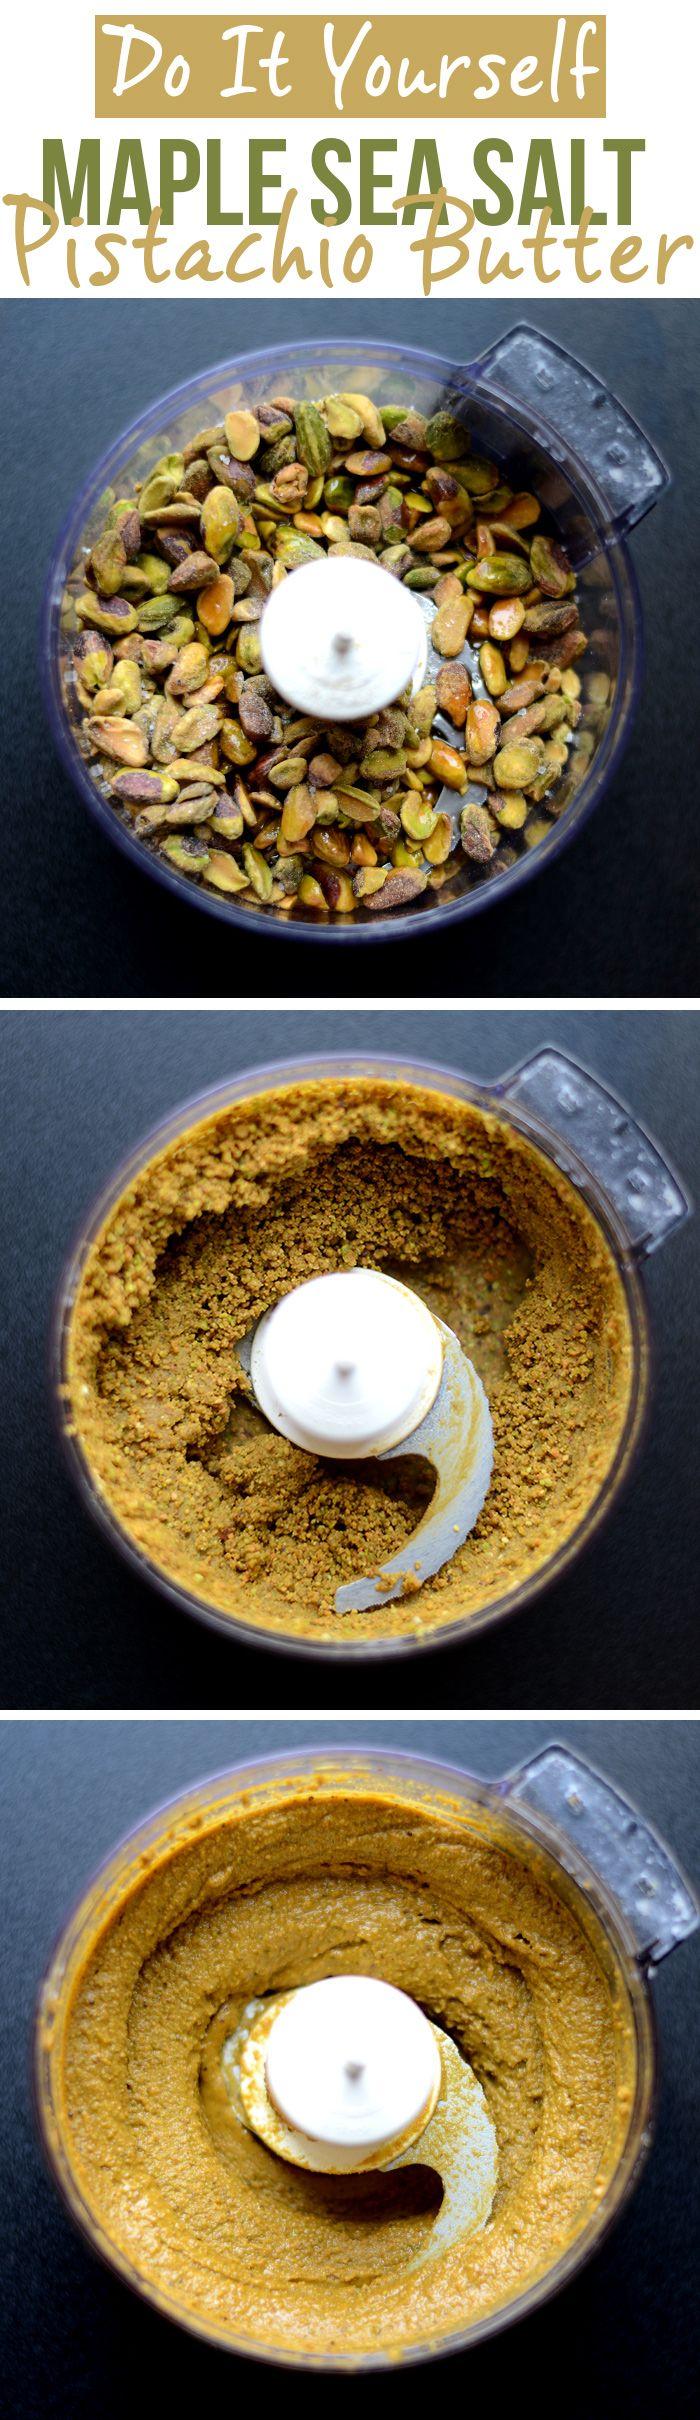 DIY Maple Sea Salt Pistachio Butter - Vegan